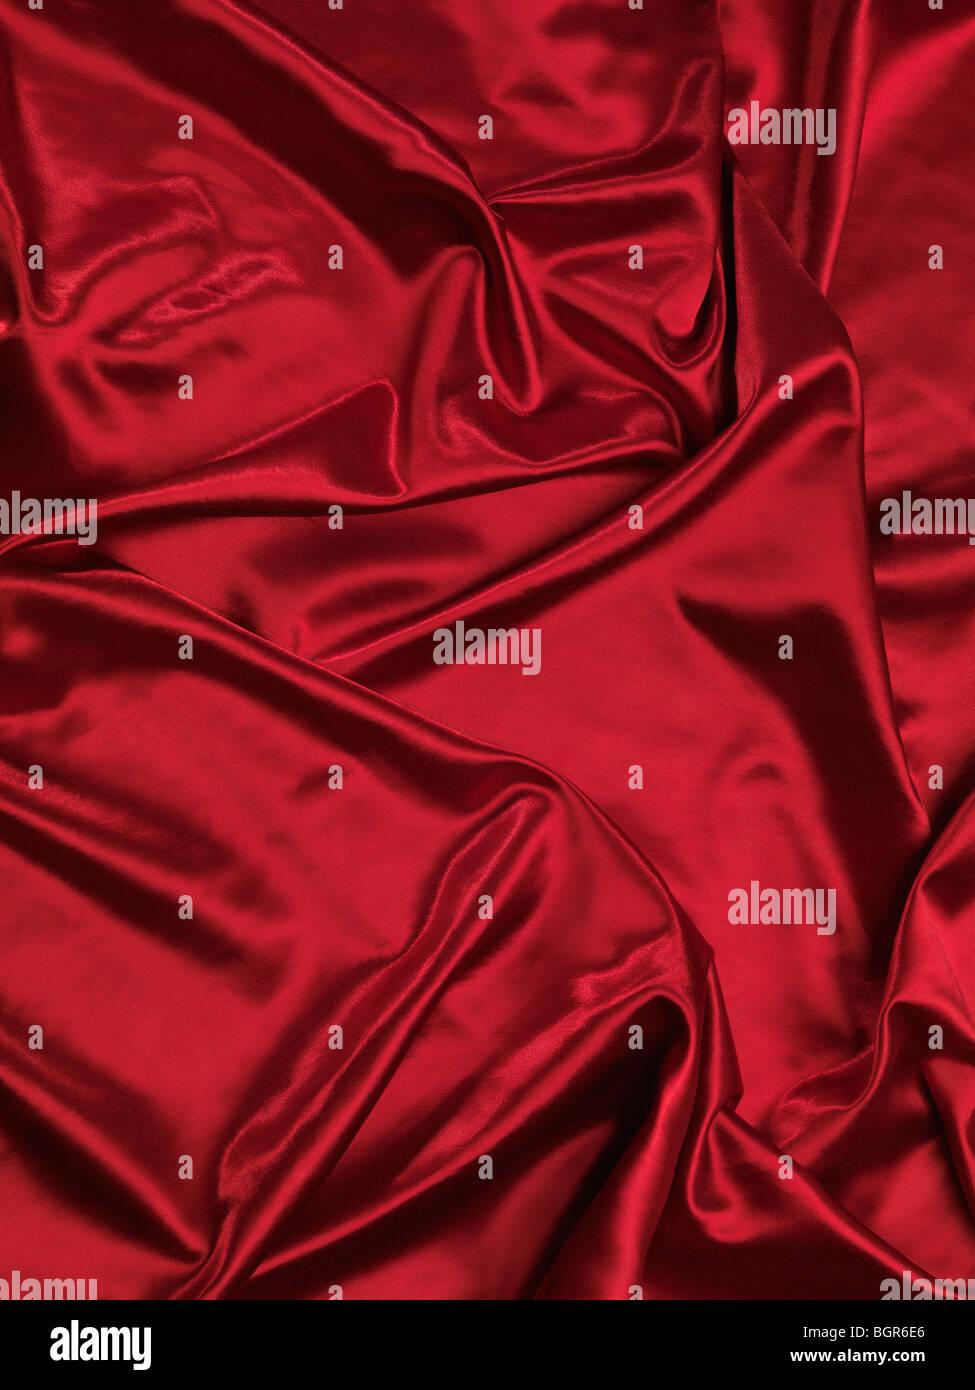 Rosso lucido tessuto setoso sfondo Immagini Stock